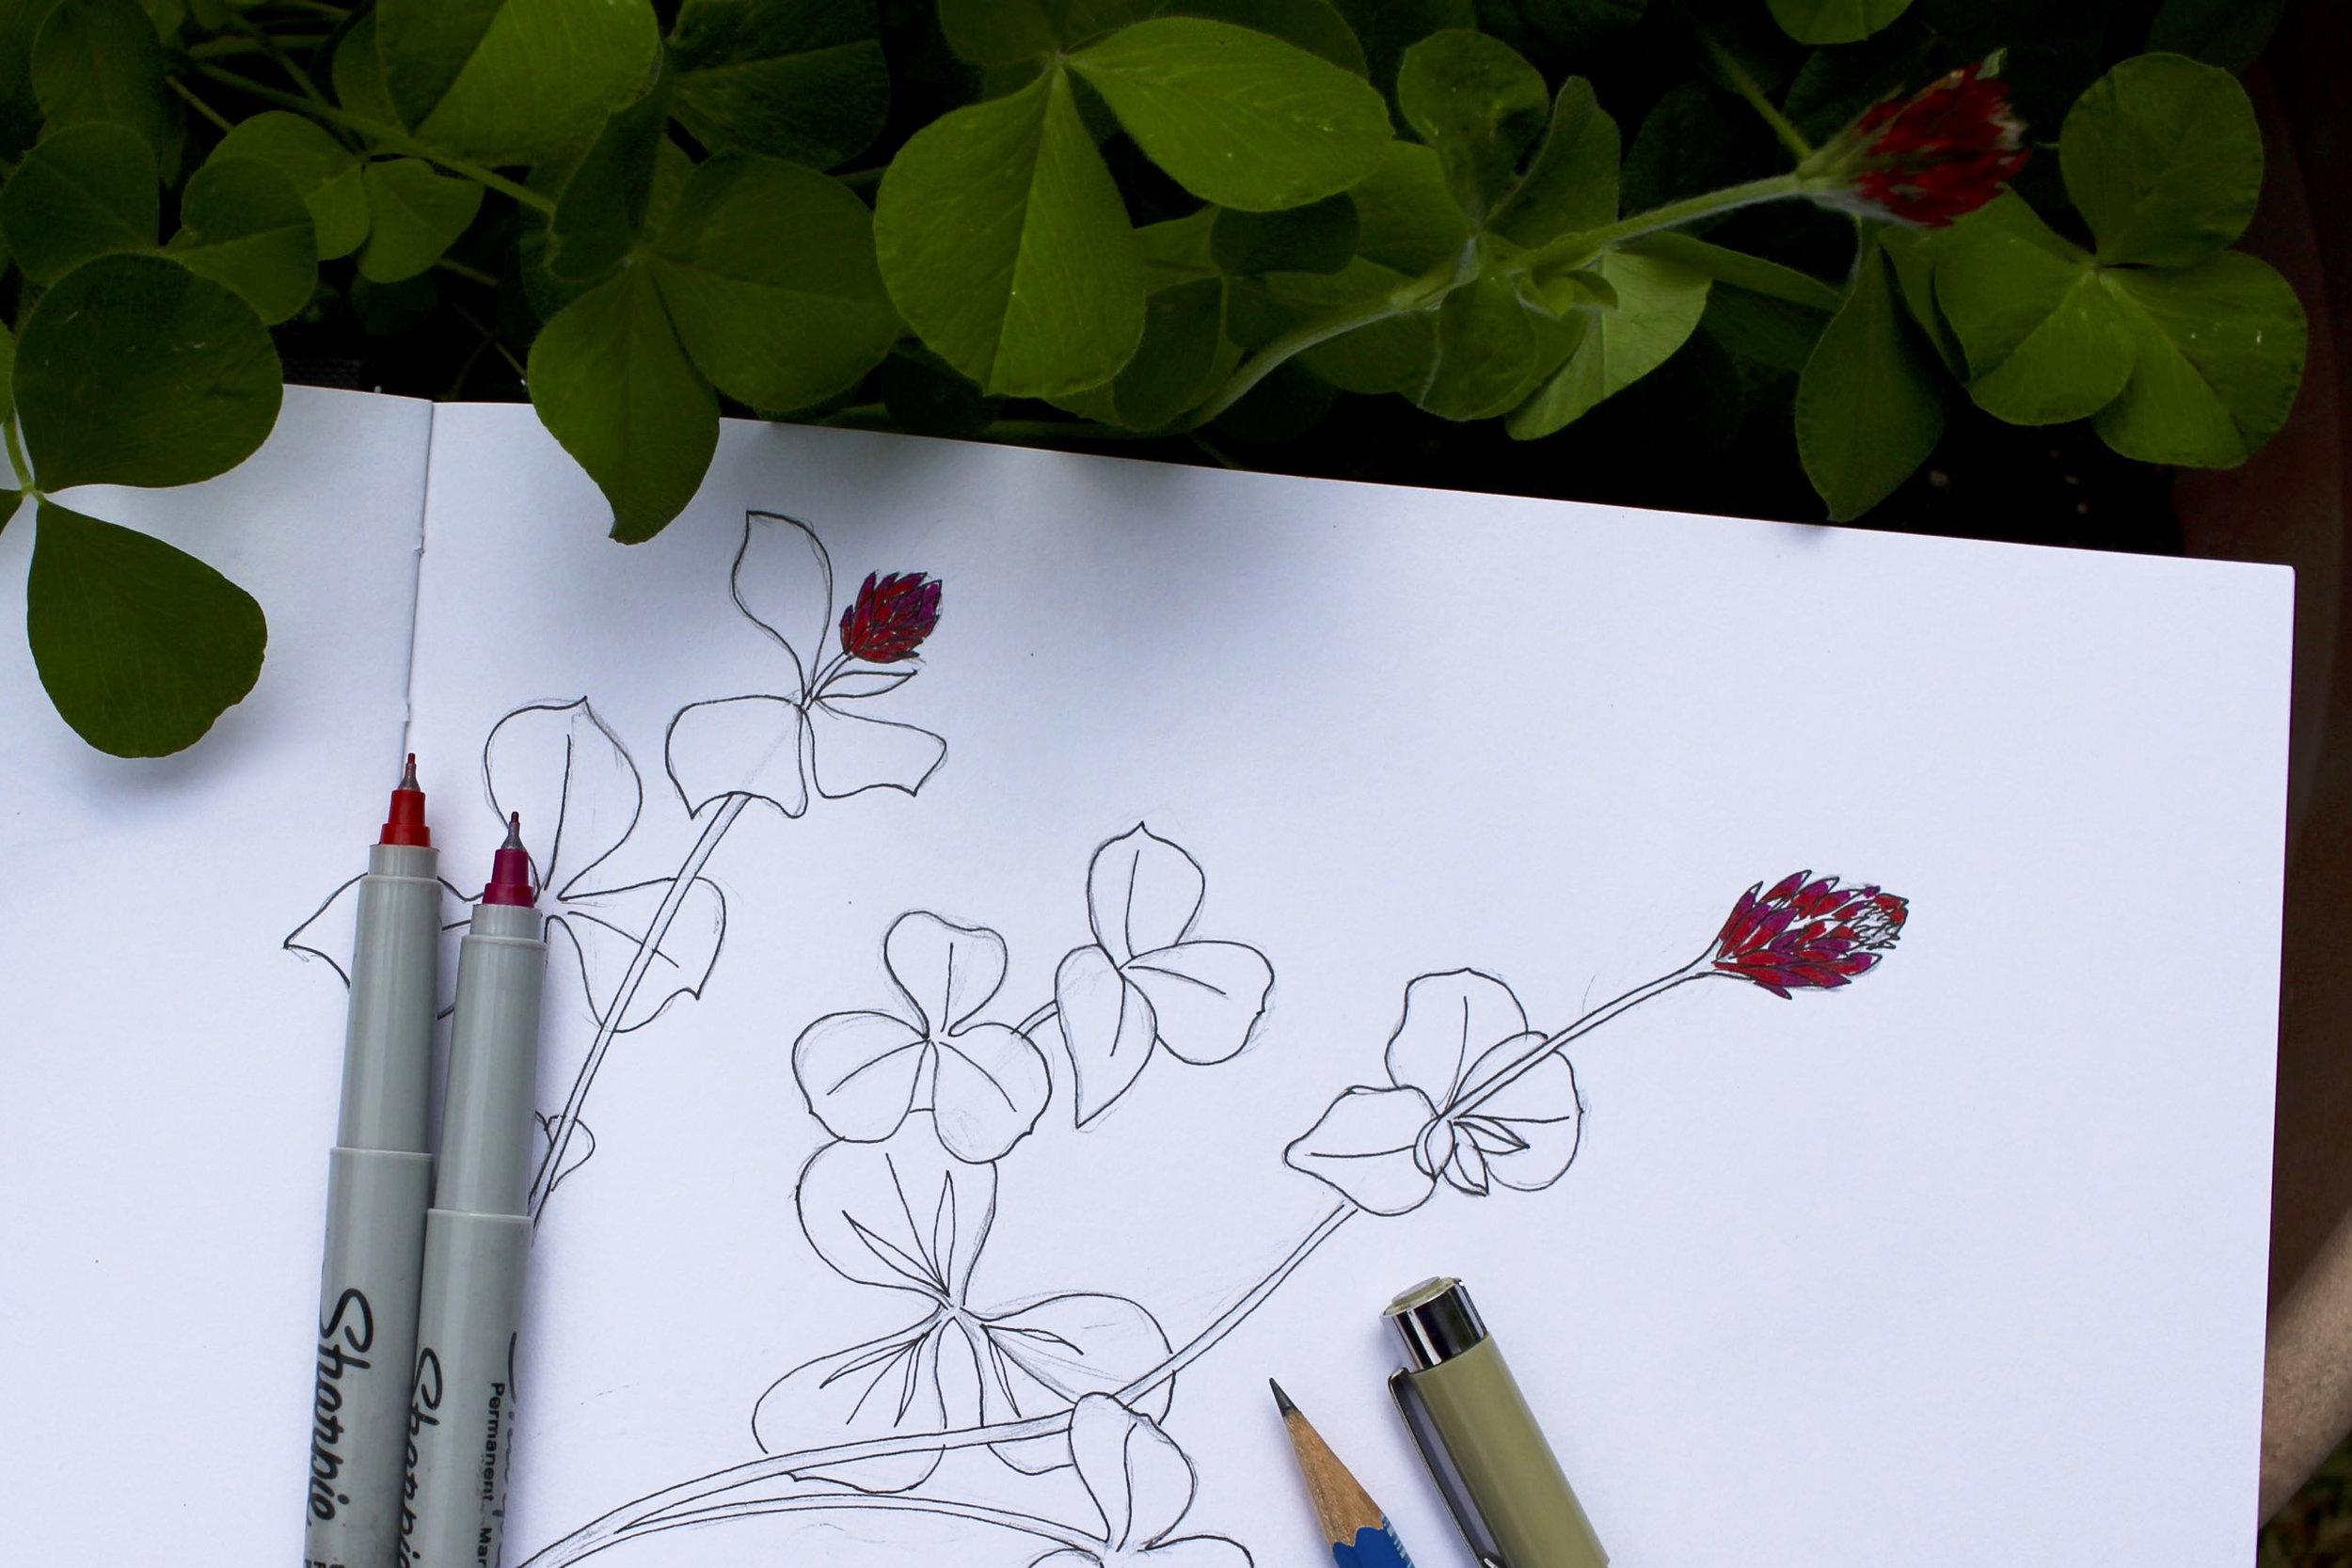 Sketchbook with clover sketch